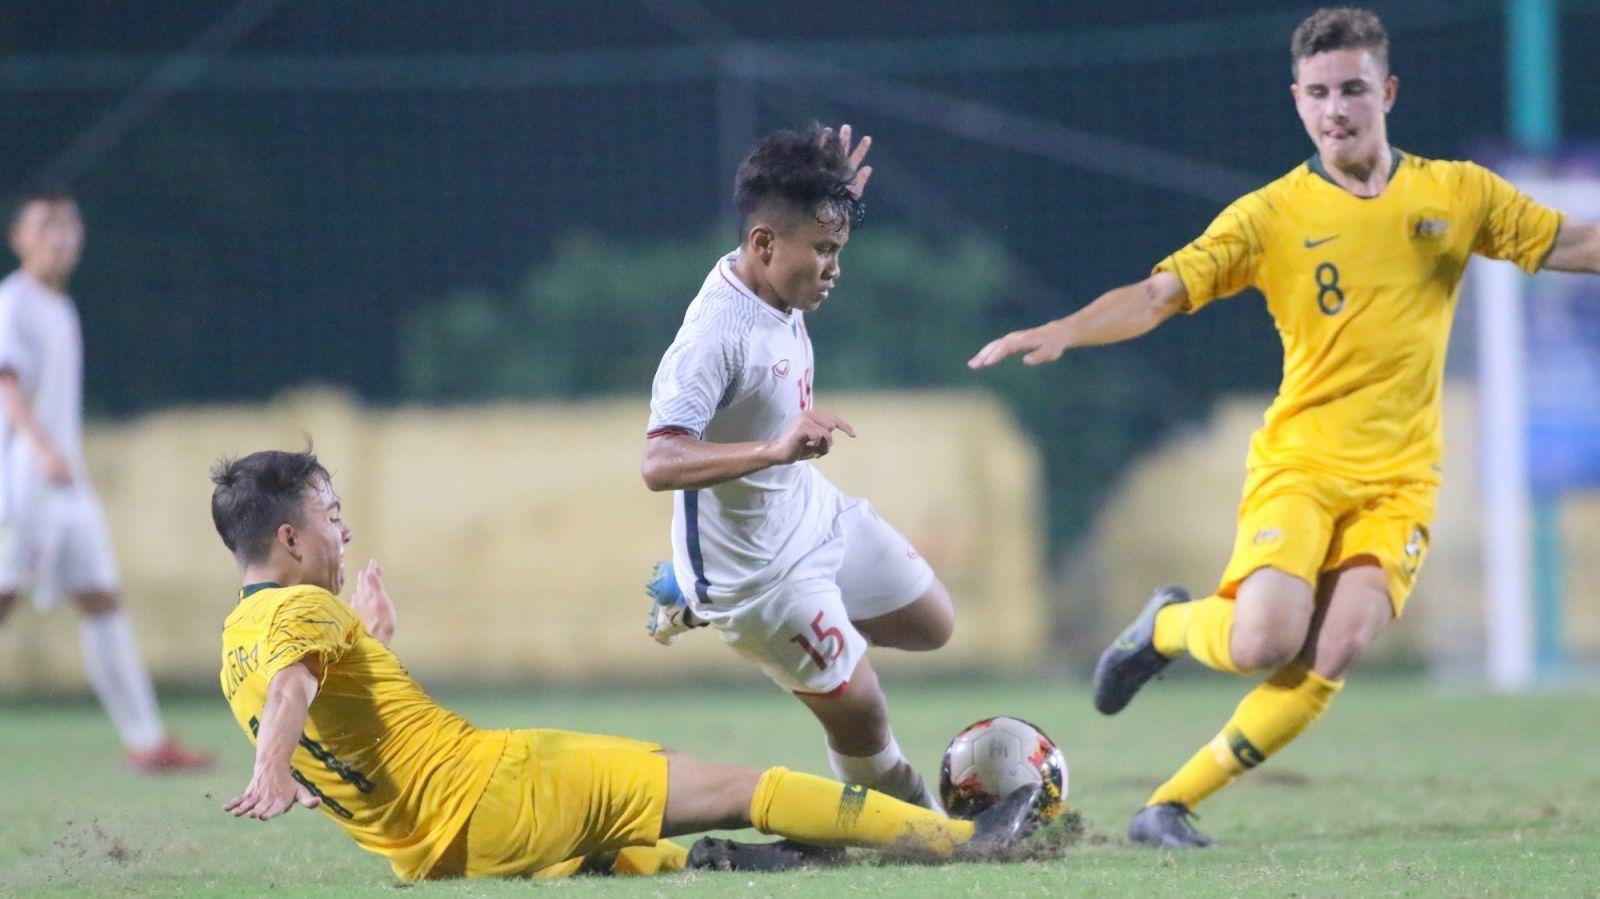 U16 Việt Nam chính thức mất vé dự VCK U16 châu Á 2020 - Bóng Đá